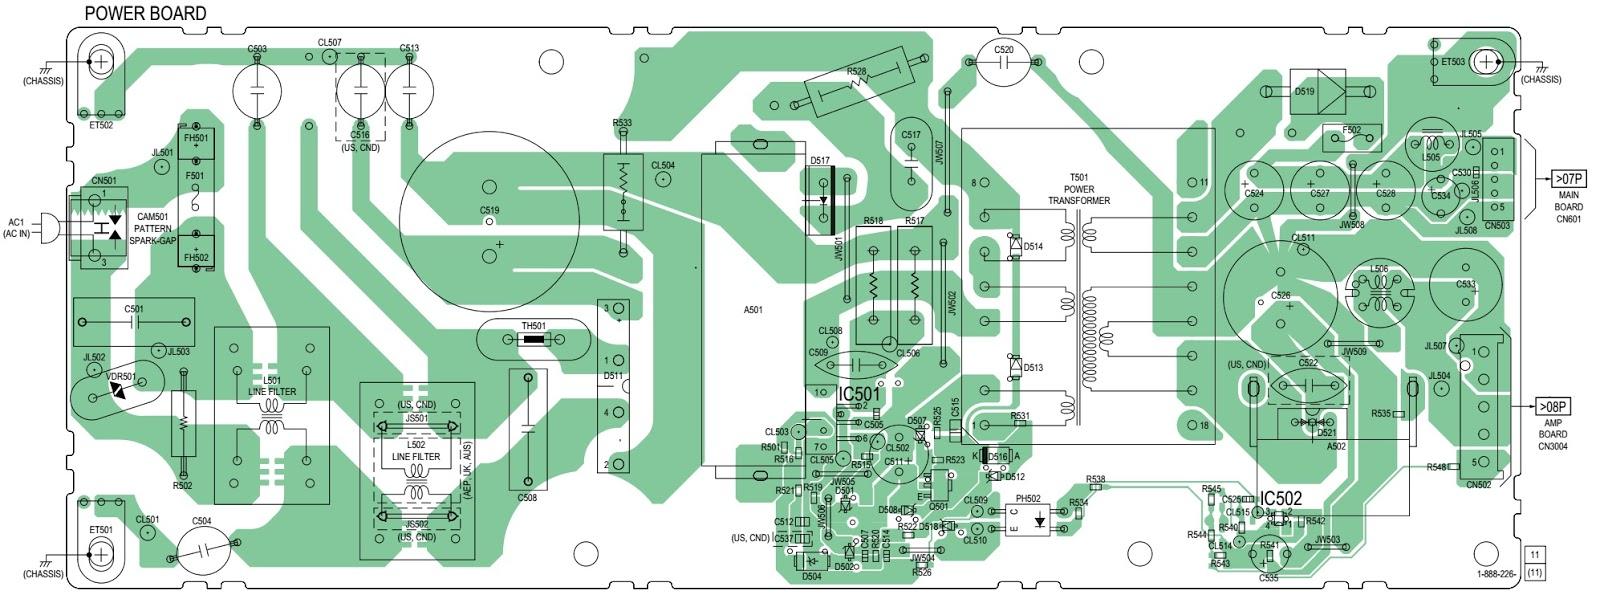 Sony Ht St7 Sound Wiring Diagram - Wiring Diagrams Schematics